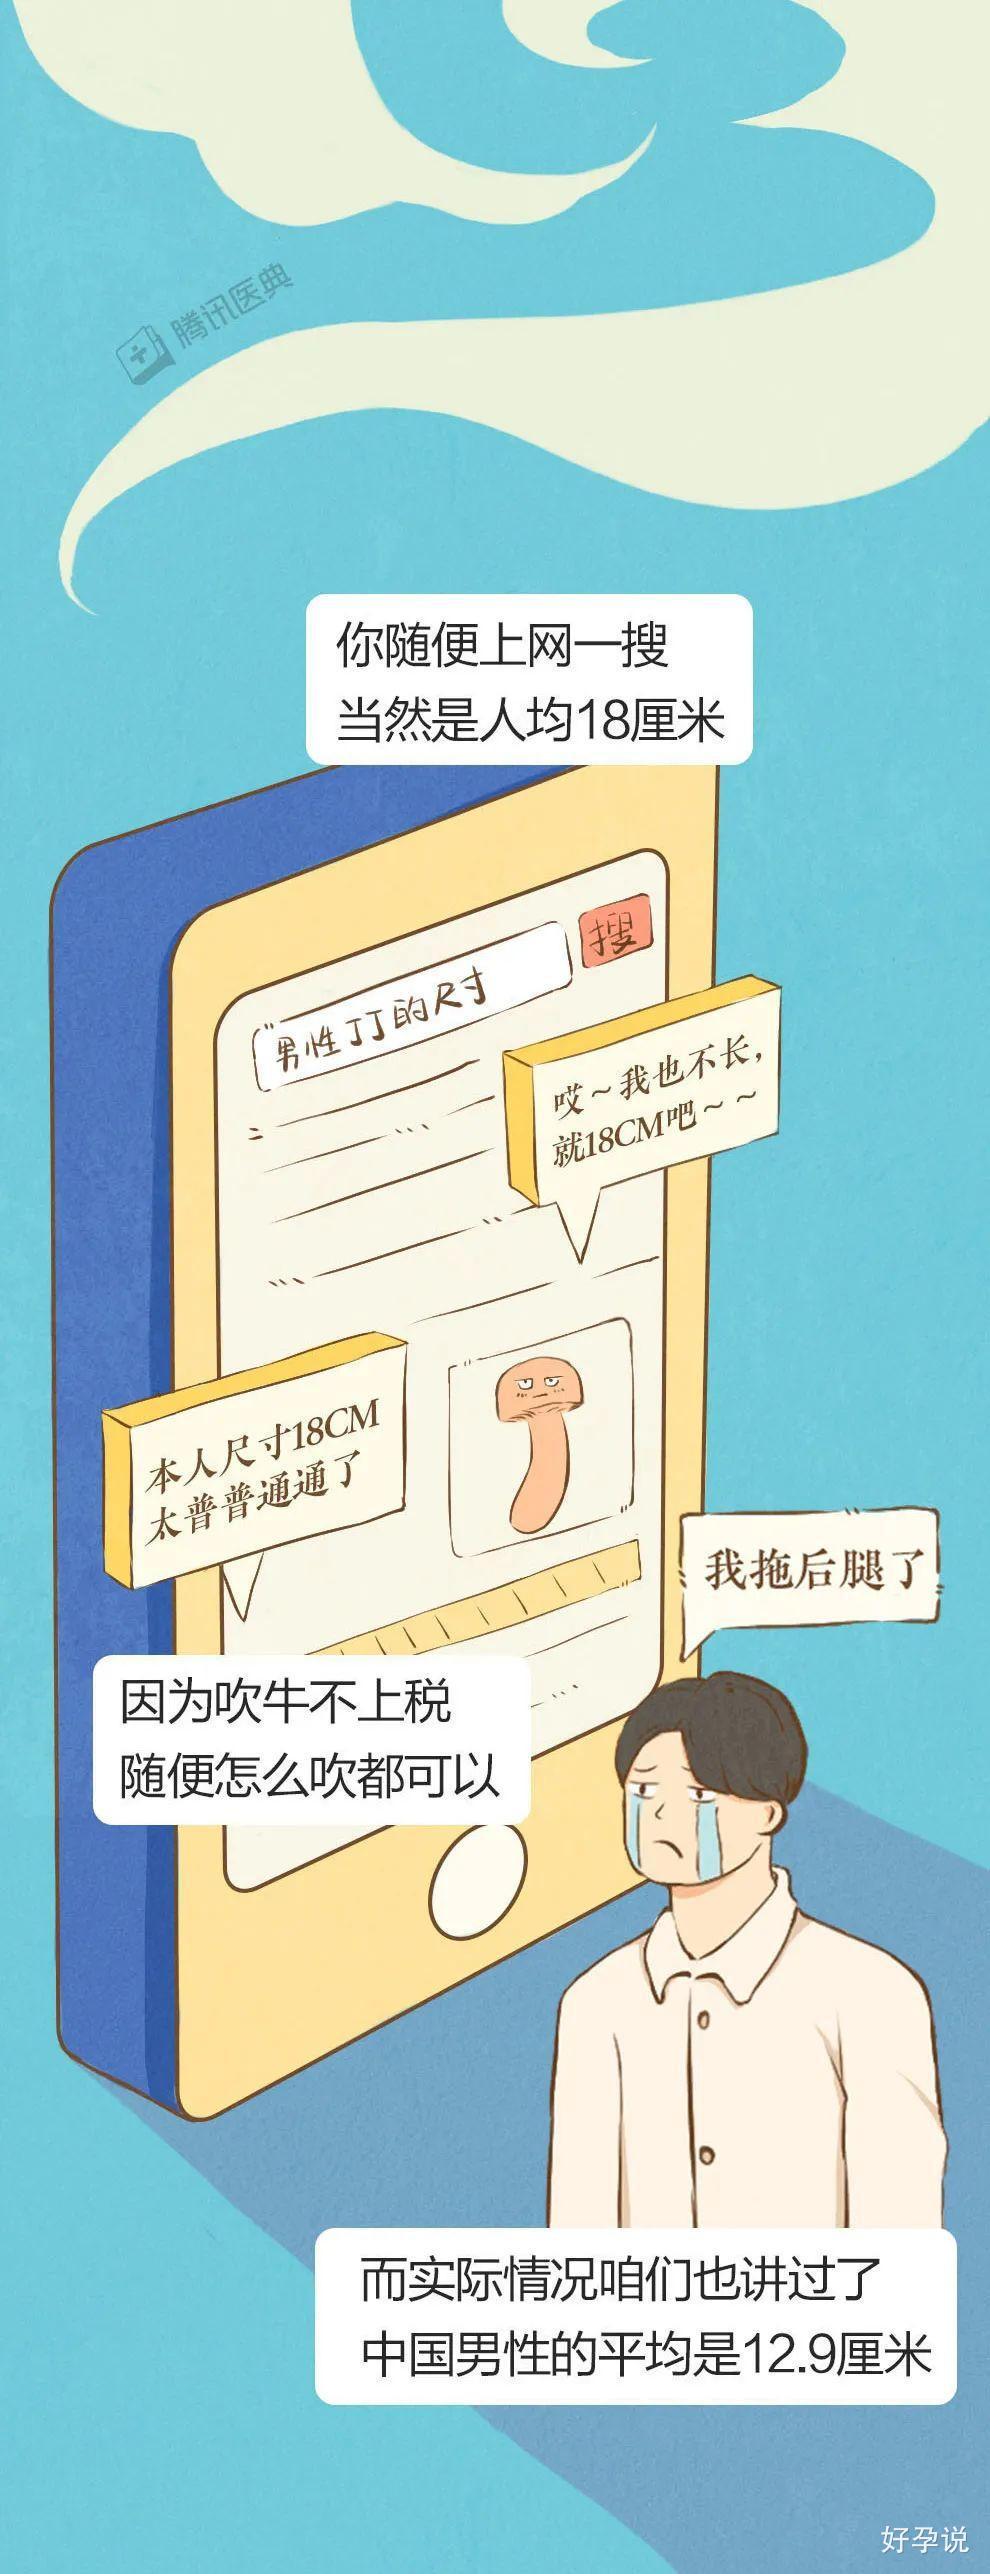 都说鼻子大的男人丁丁更长?揭秘丁丁长度的5个真相插图14